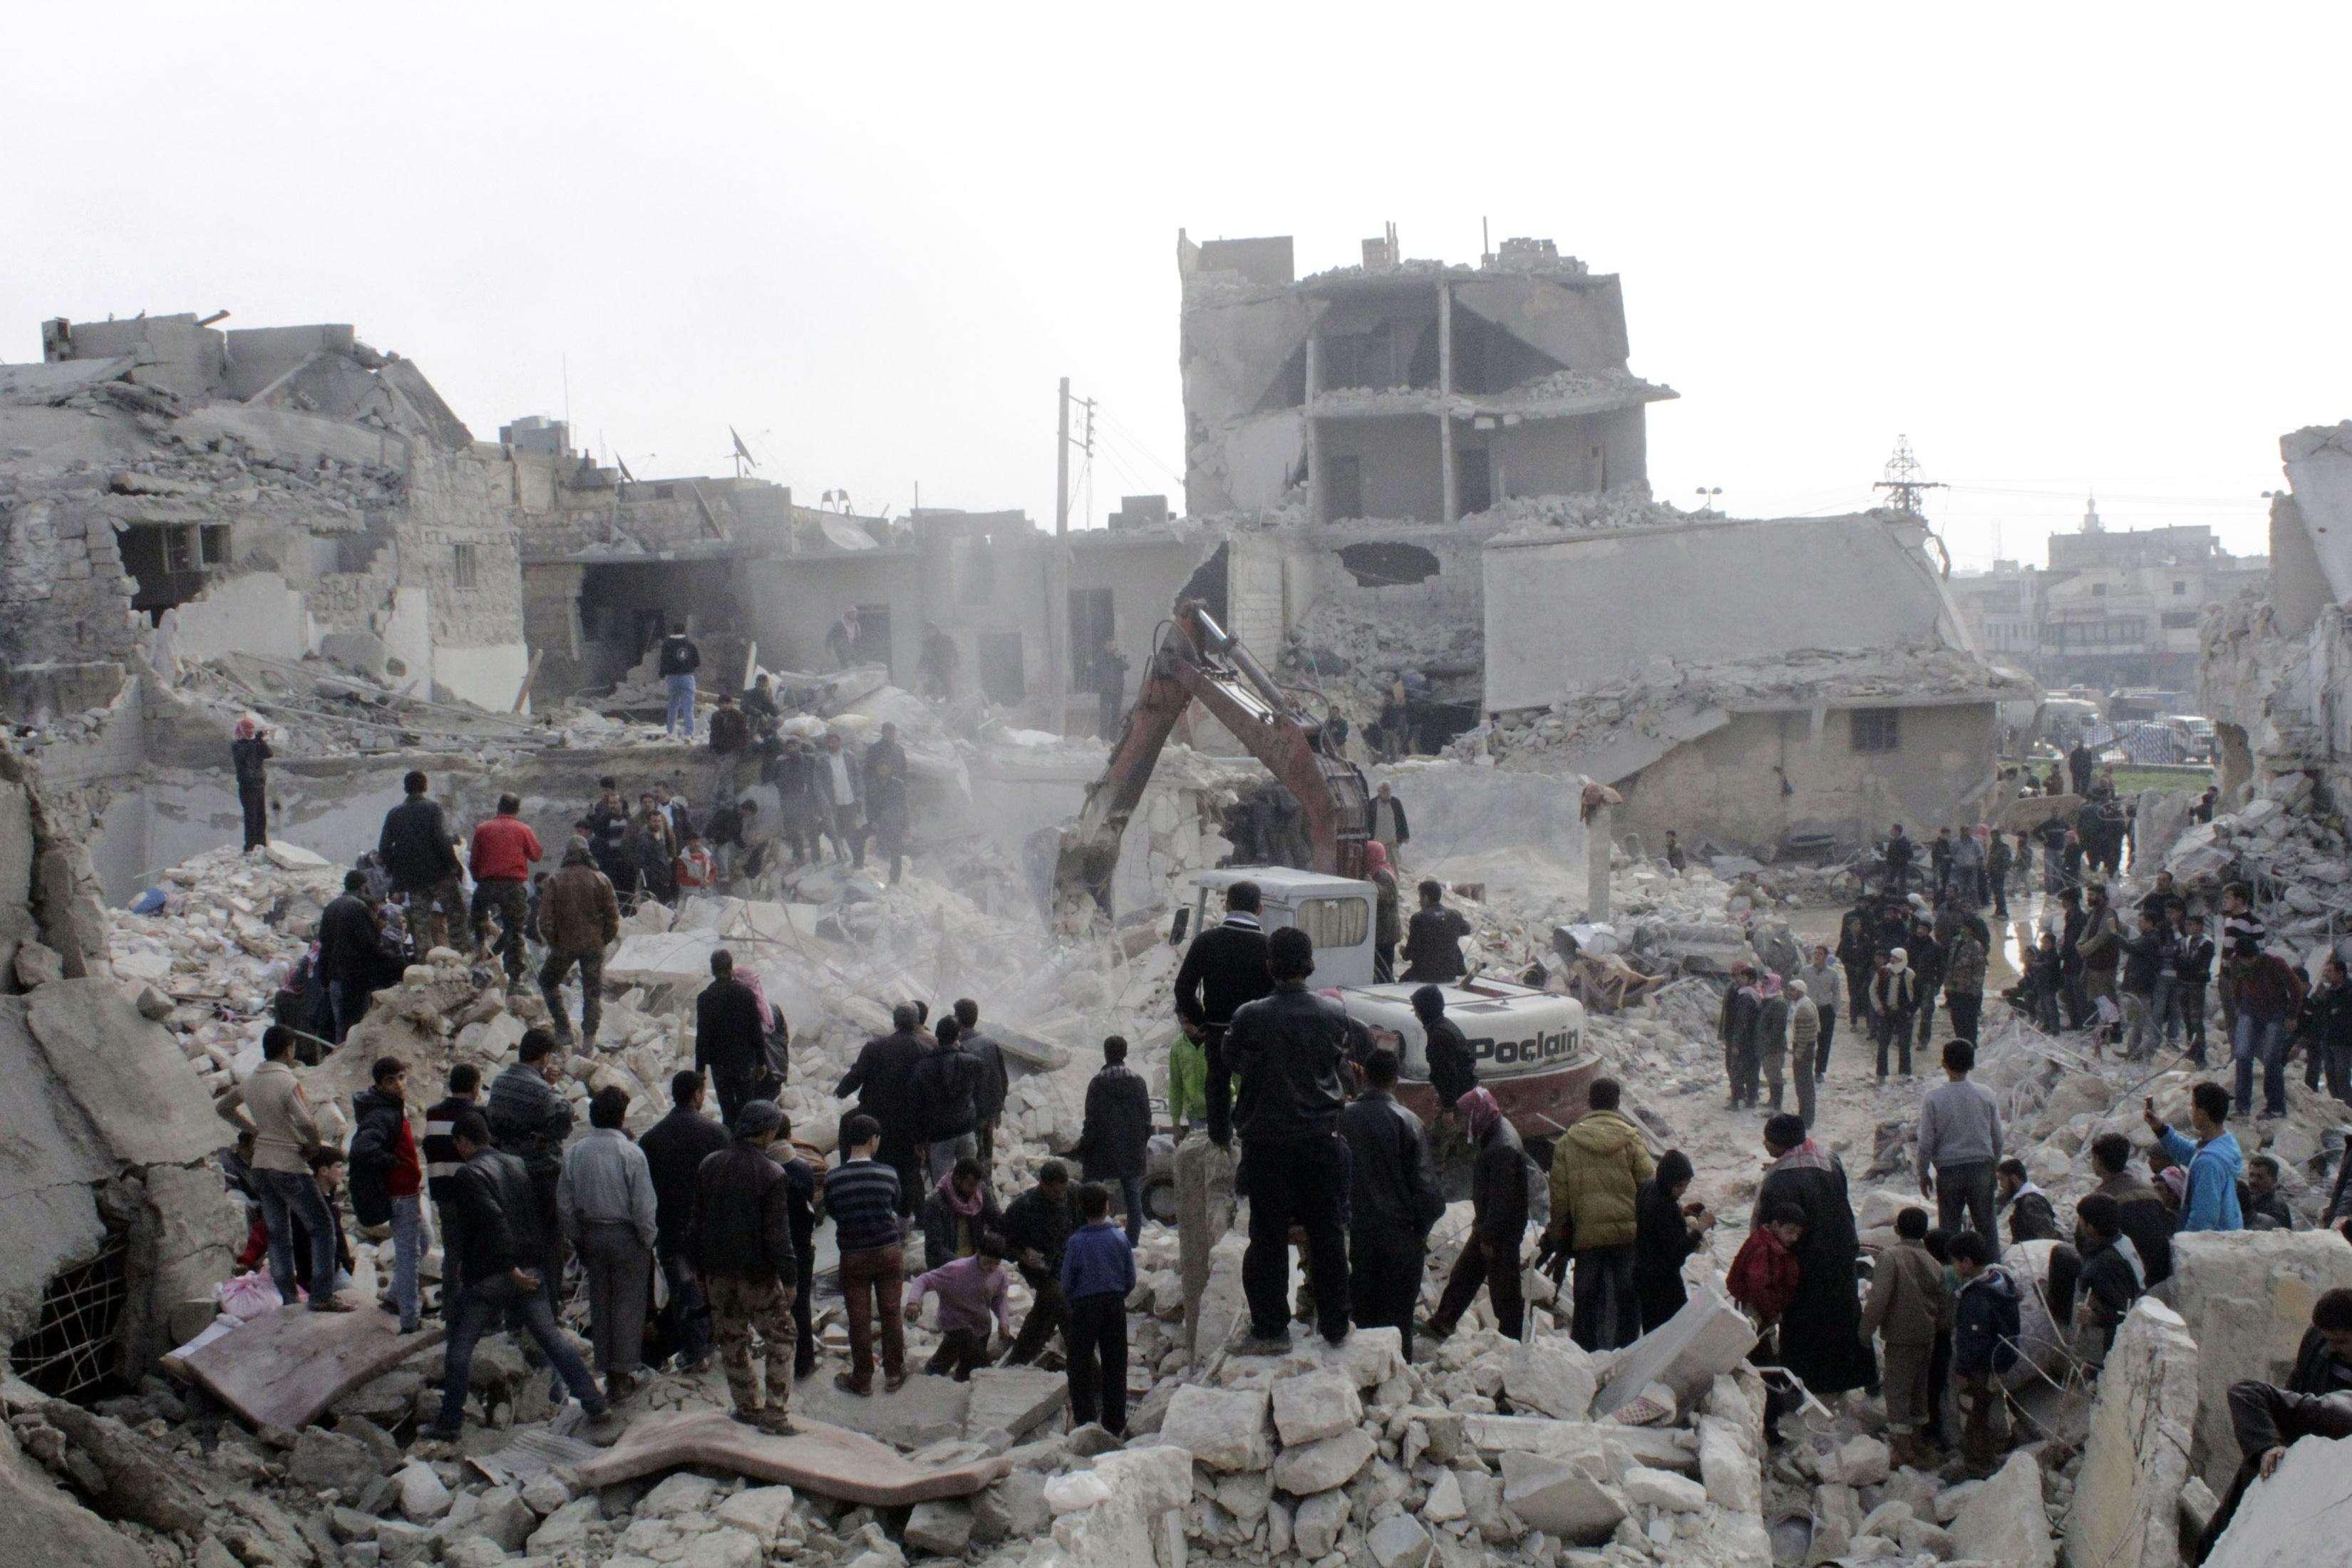 استهداف الأعيان المدنية شمالي سورية جريمة حرب